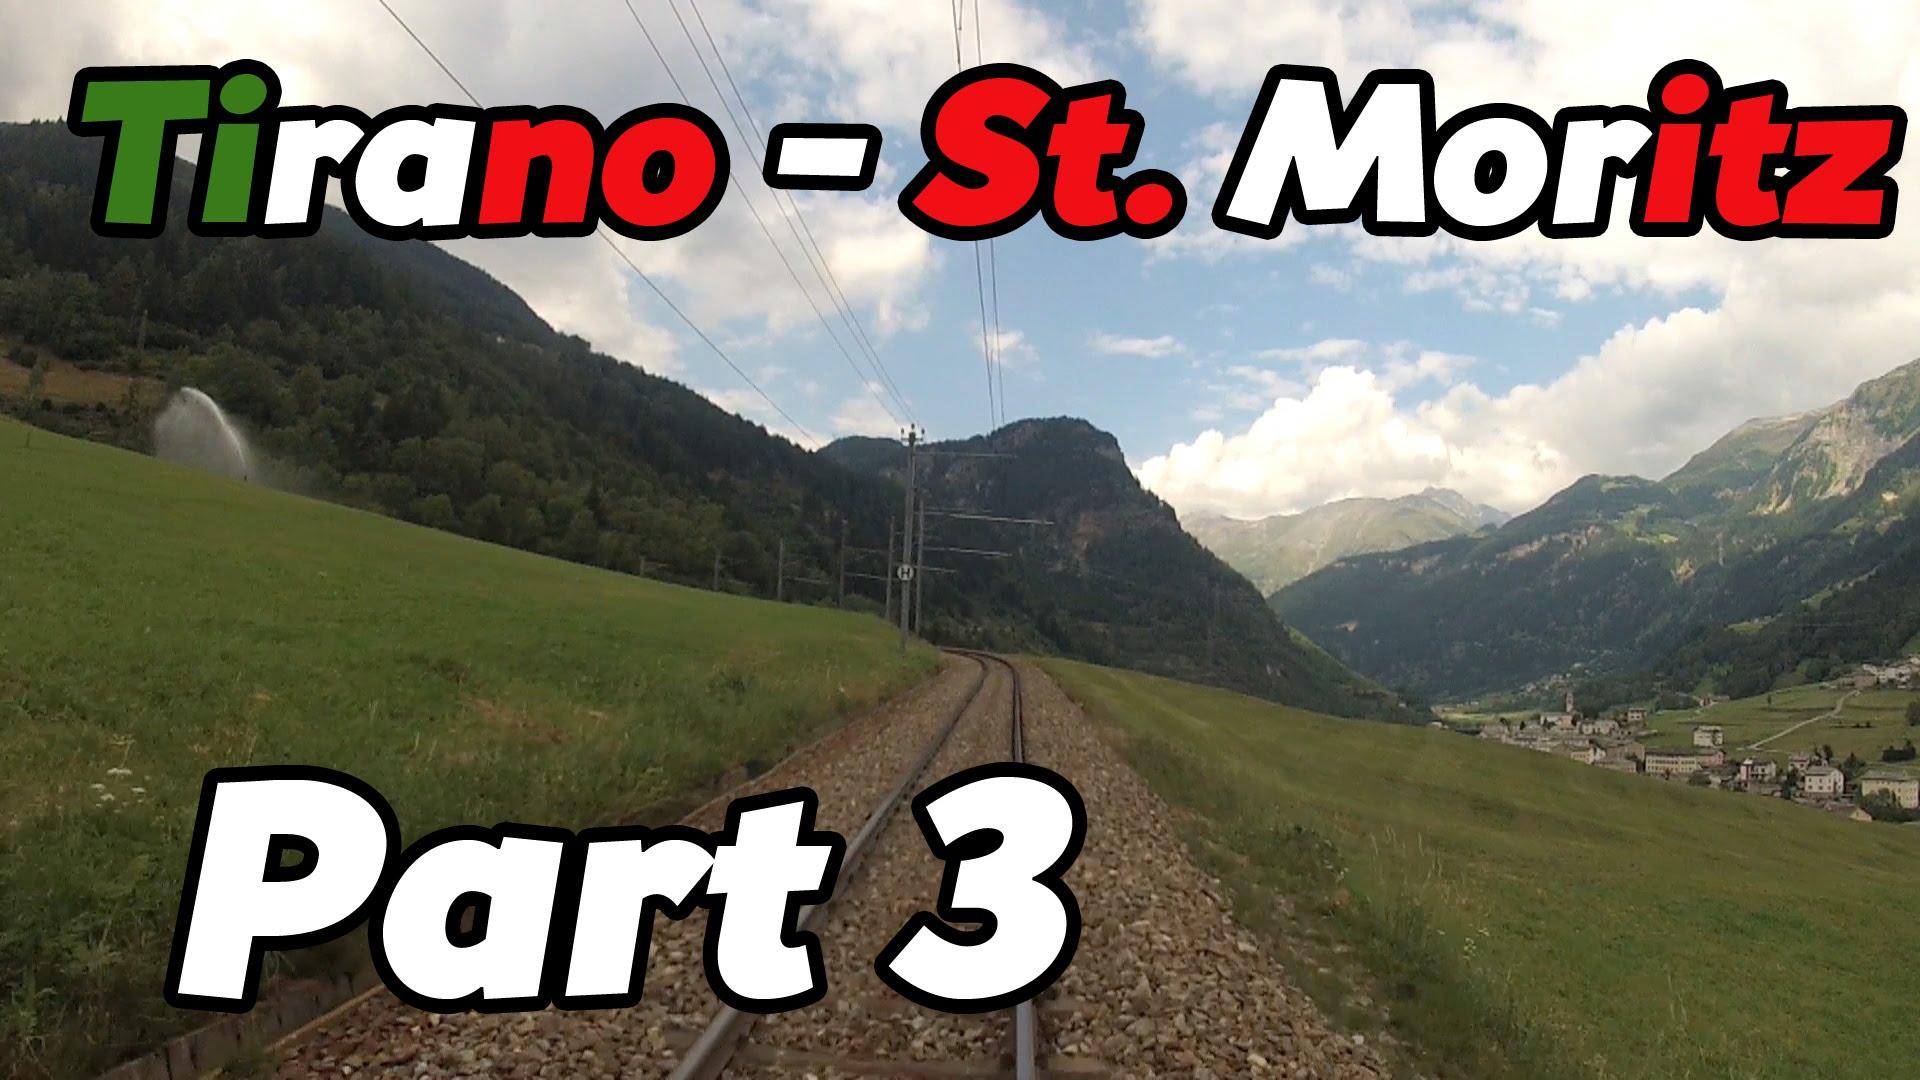 Cabride RhB Tirano – St. Moritz PART 3 [HD]